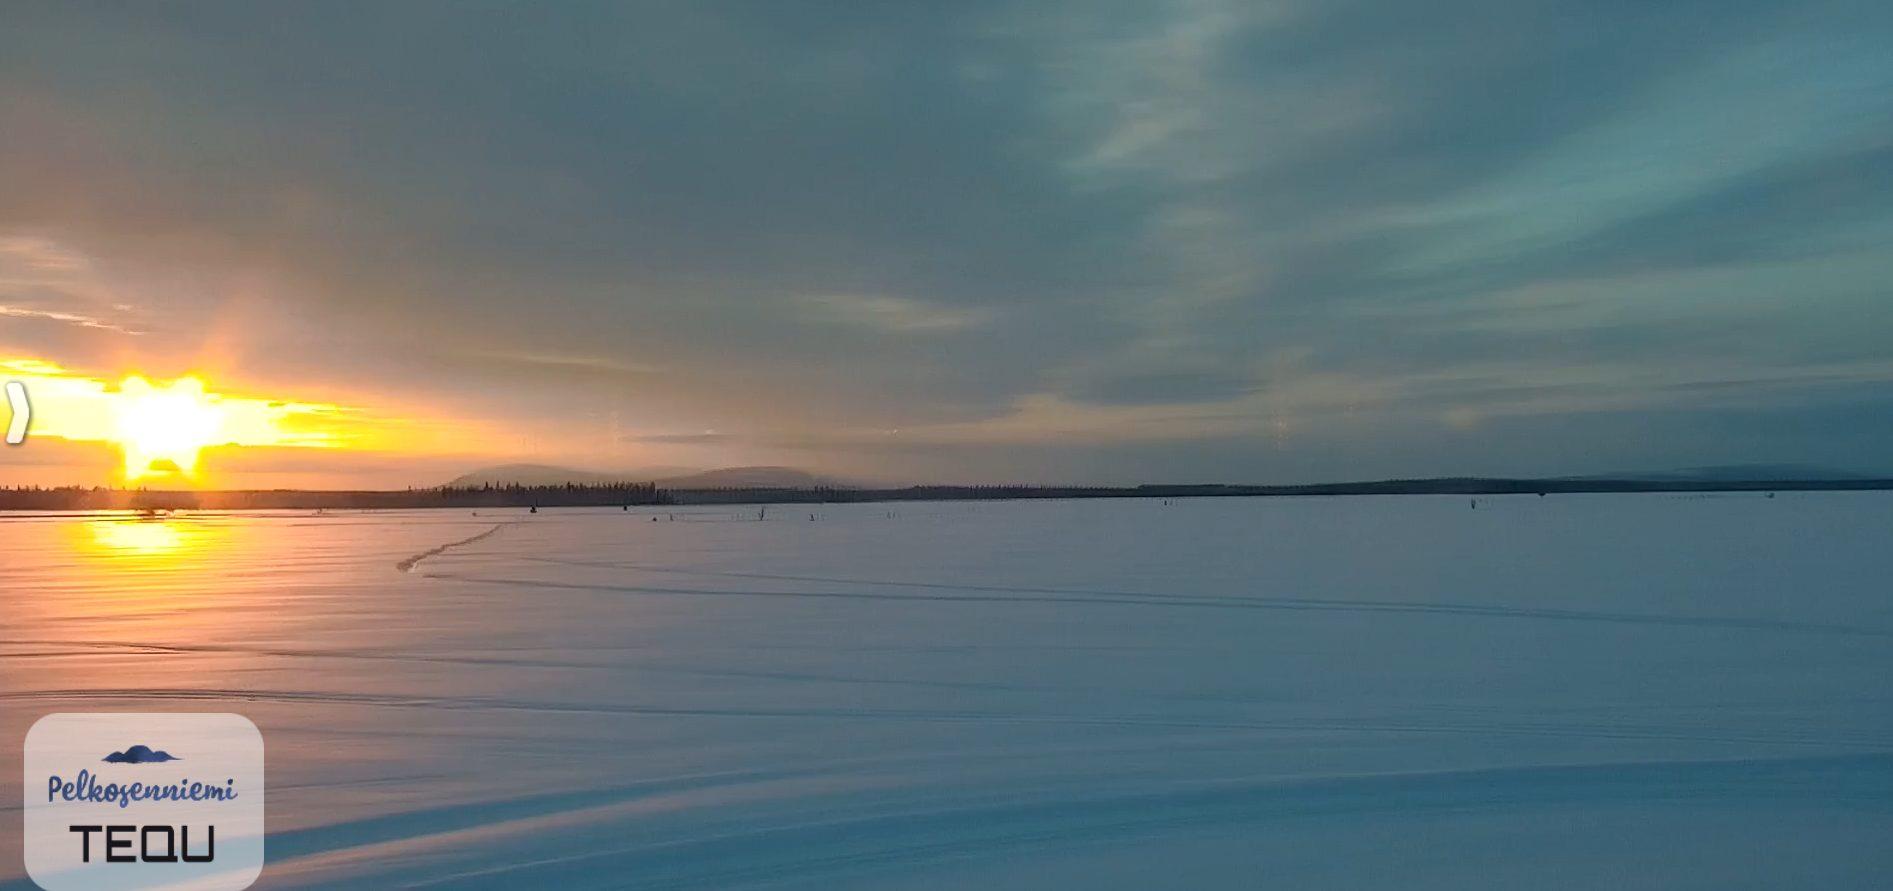 Kilpiaavan suomaisema, aurinko laskee, tunturi, aapa, lunta.